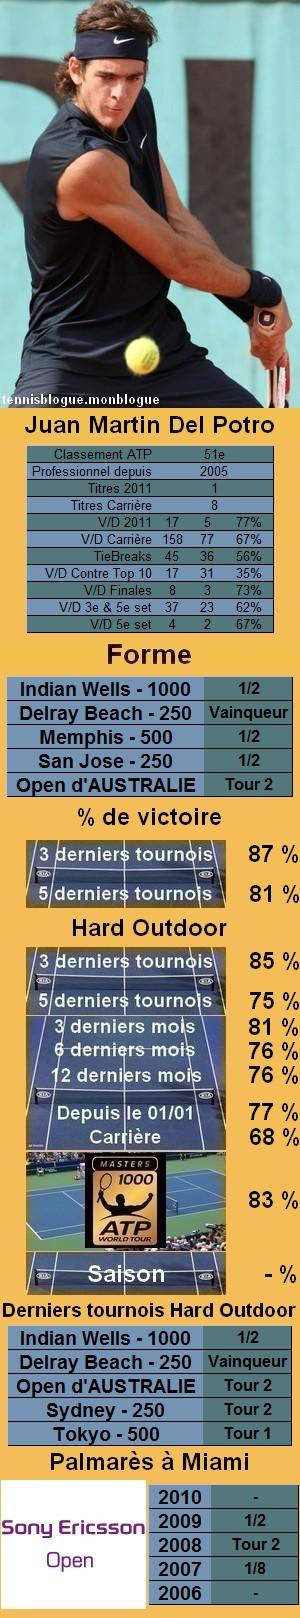 Les statistiques tennis de Juan Martin Del Potro pour le tournoi de Miami